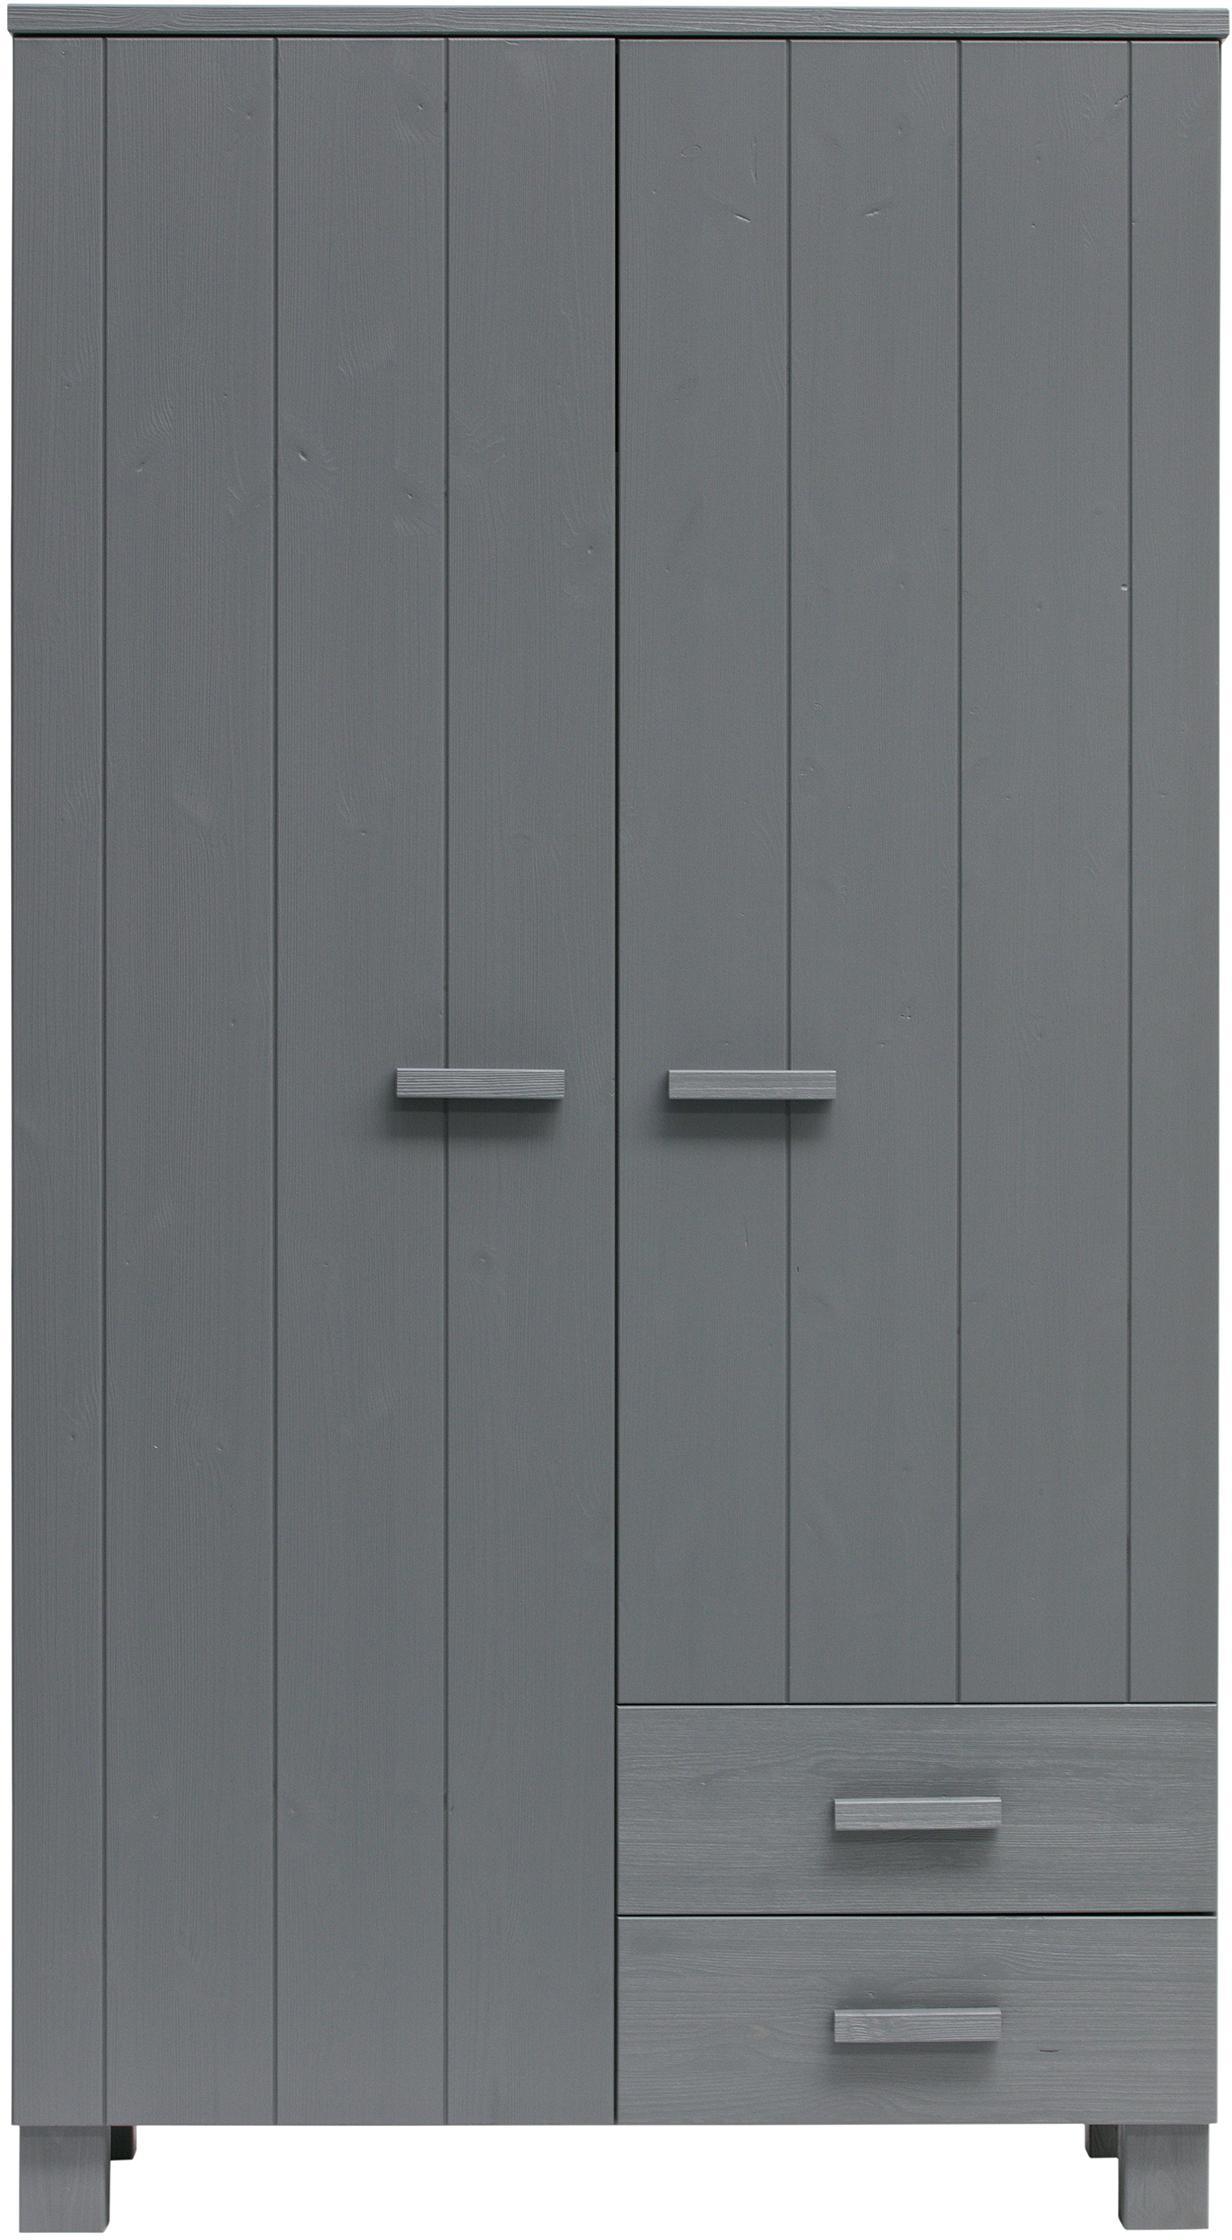 Szafa z szufladami Dennis, Korpus: drewno sosnowe, szczotkow, Stalowoszary, S 111 x W 202 cm